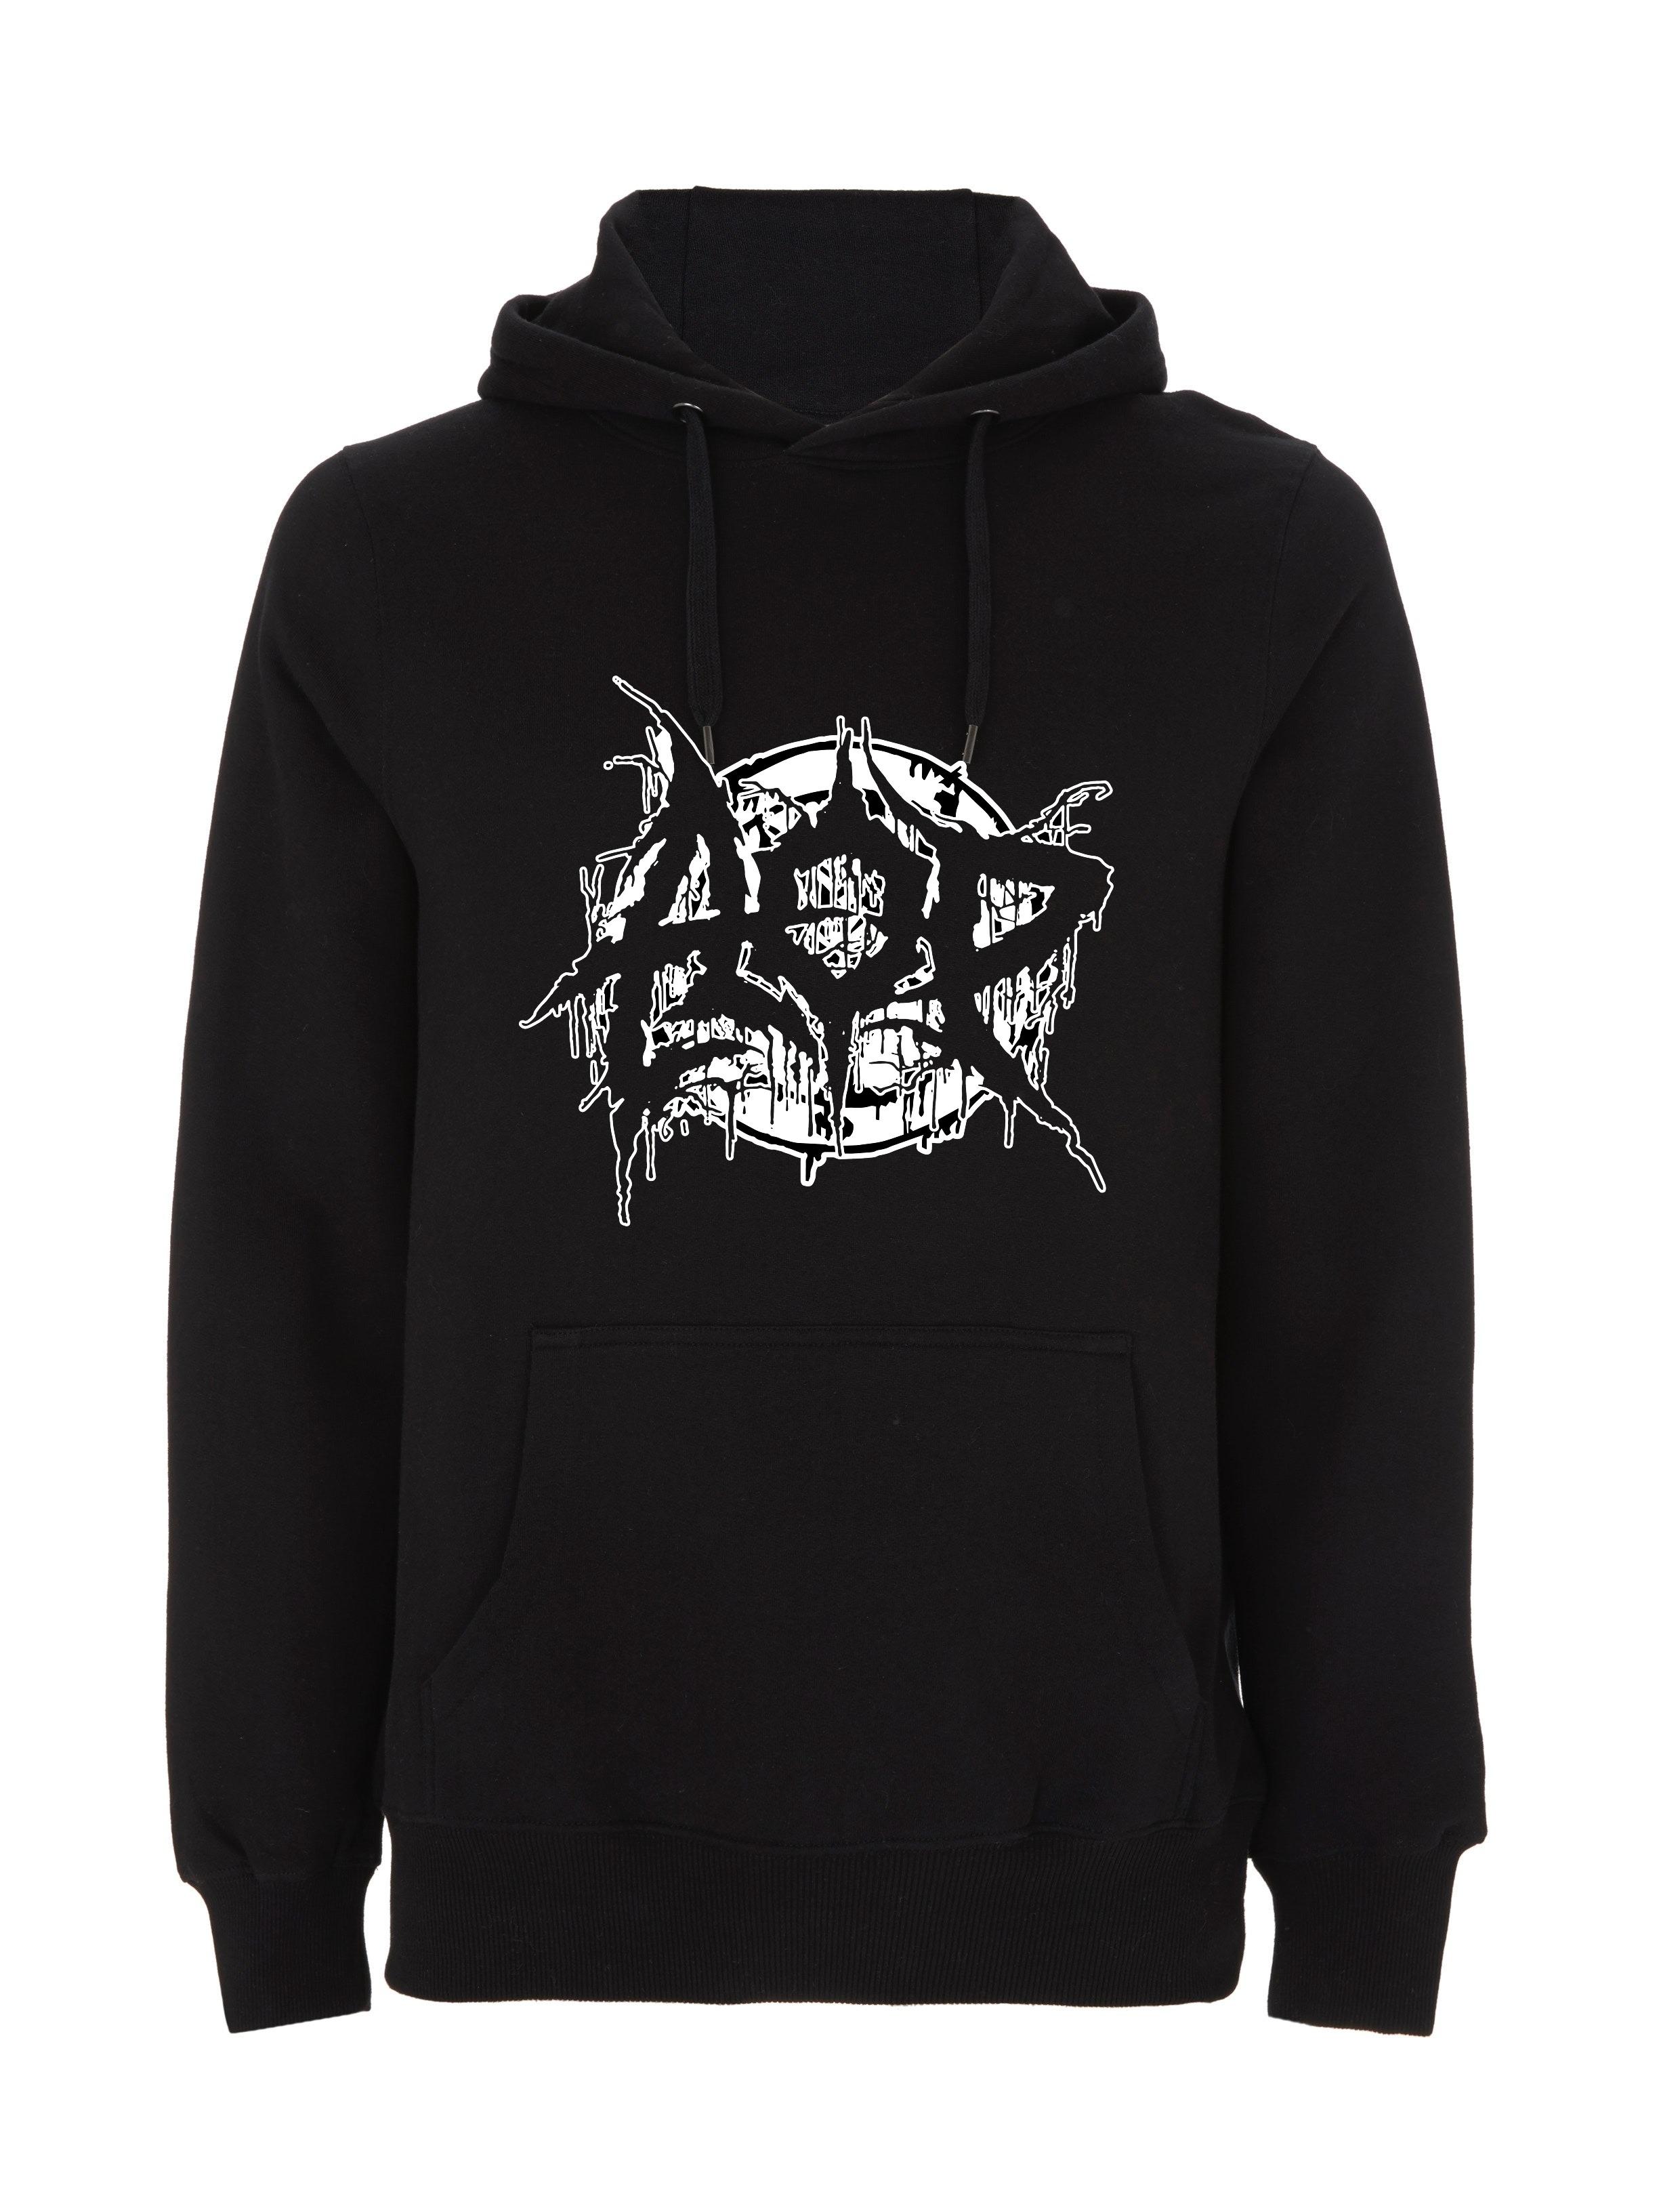 AOP – Deathmetal – Hoodie (schwarz)